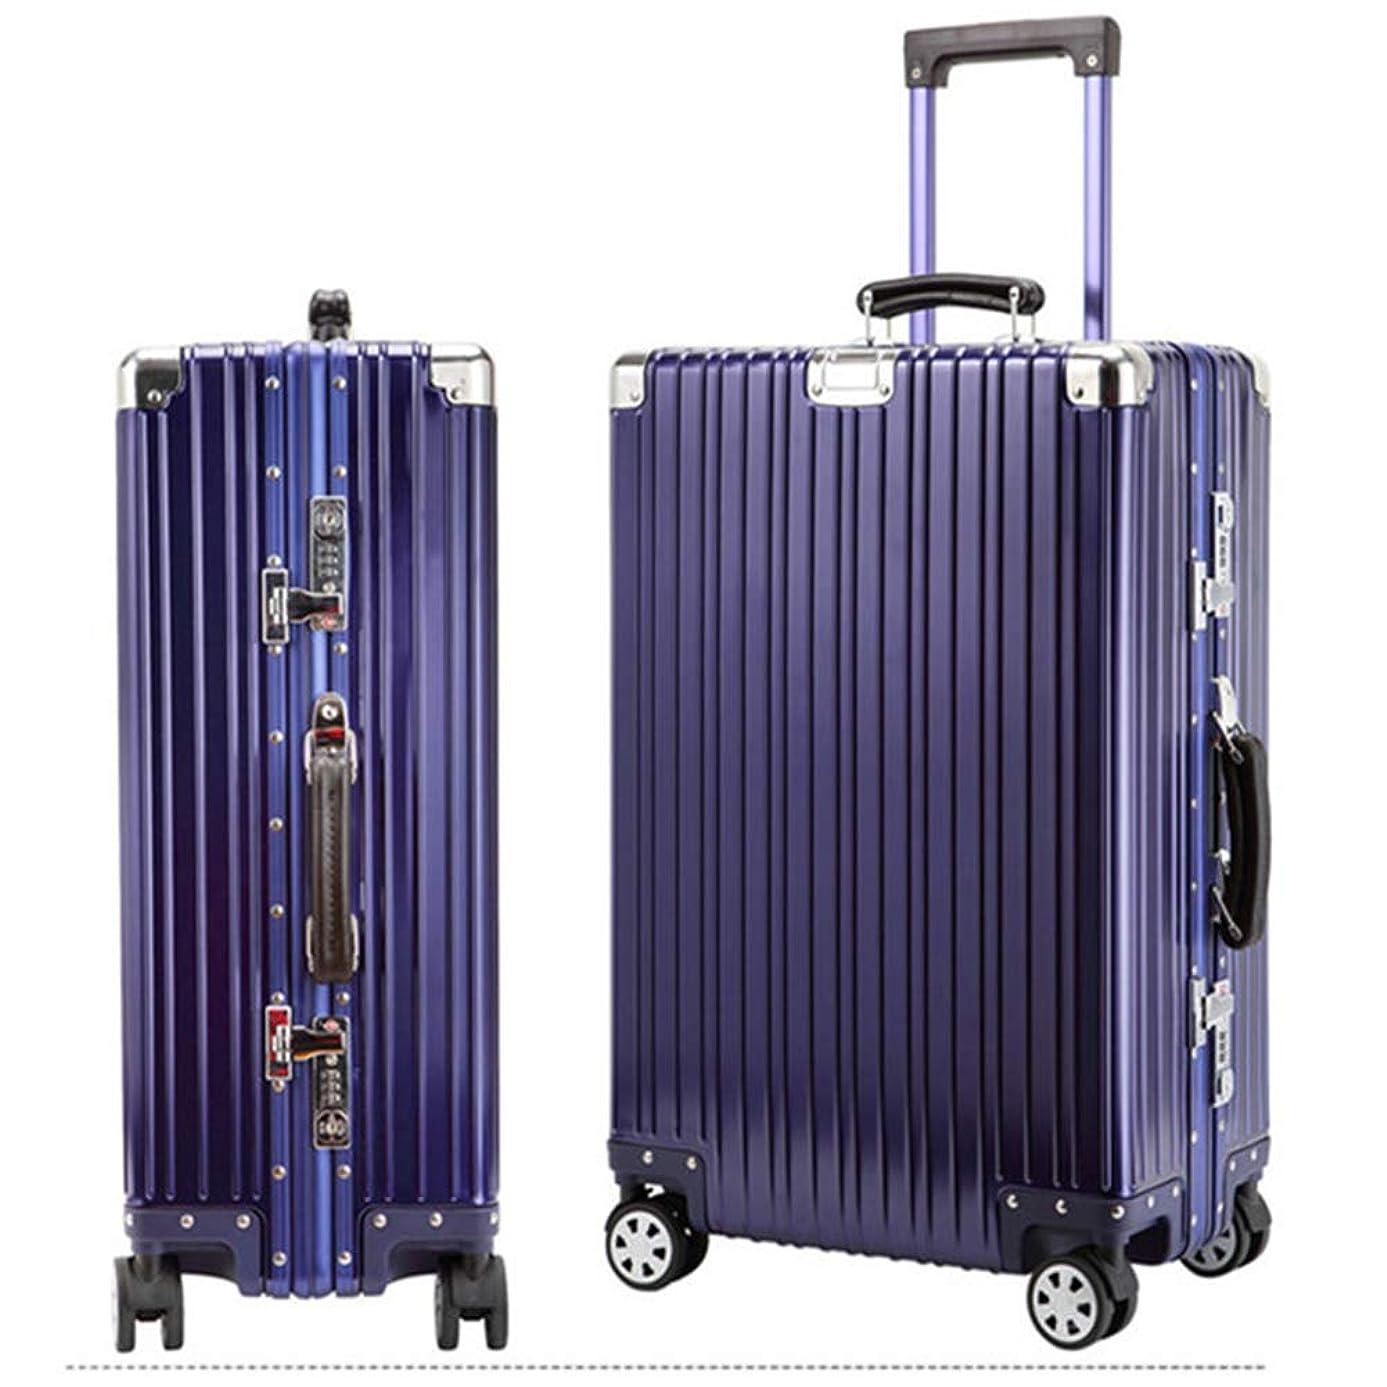 無しバックアップ経験東京2020大会提携 アルミ スーツケース アルミ?マグネシウム合金 軽量 静音 TSAロック搭載 スーツケース アルミ